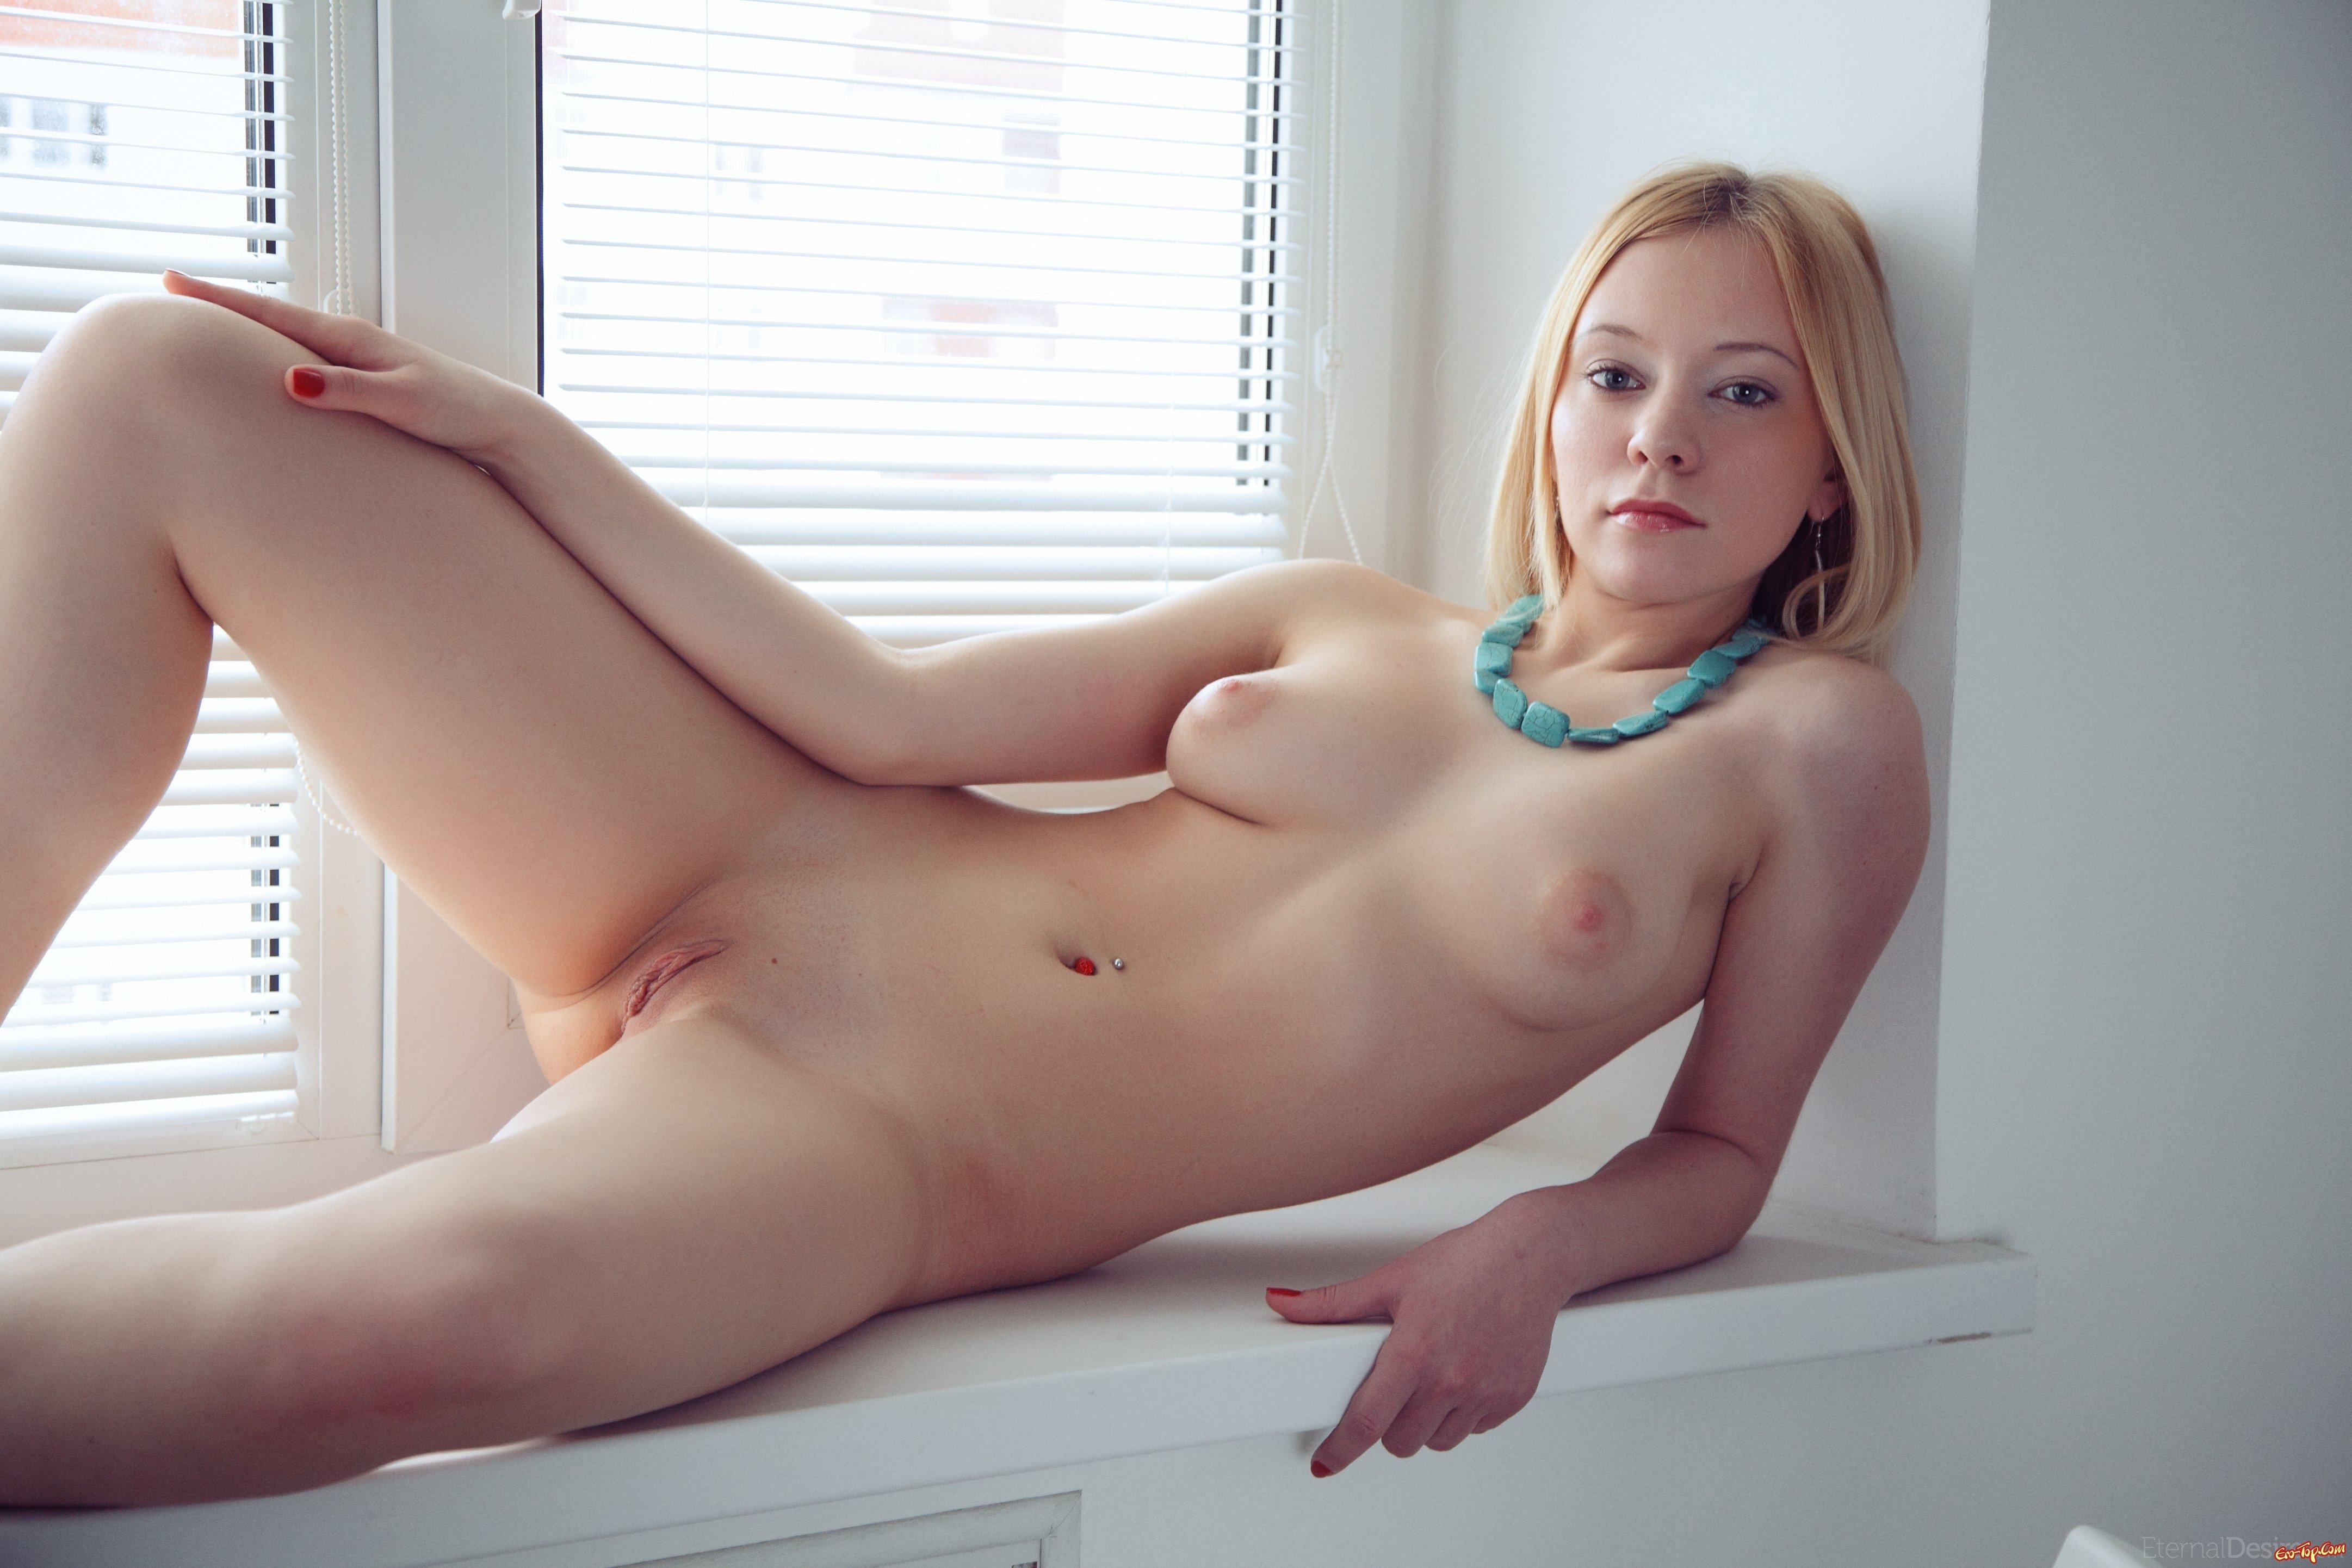 Обнаженная киска великолепной топ-модели блондинки секс фото